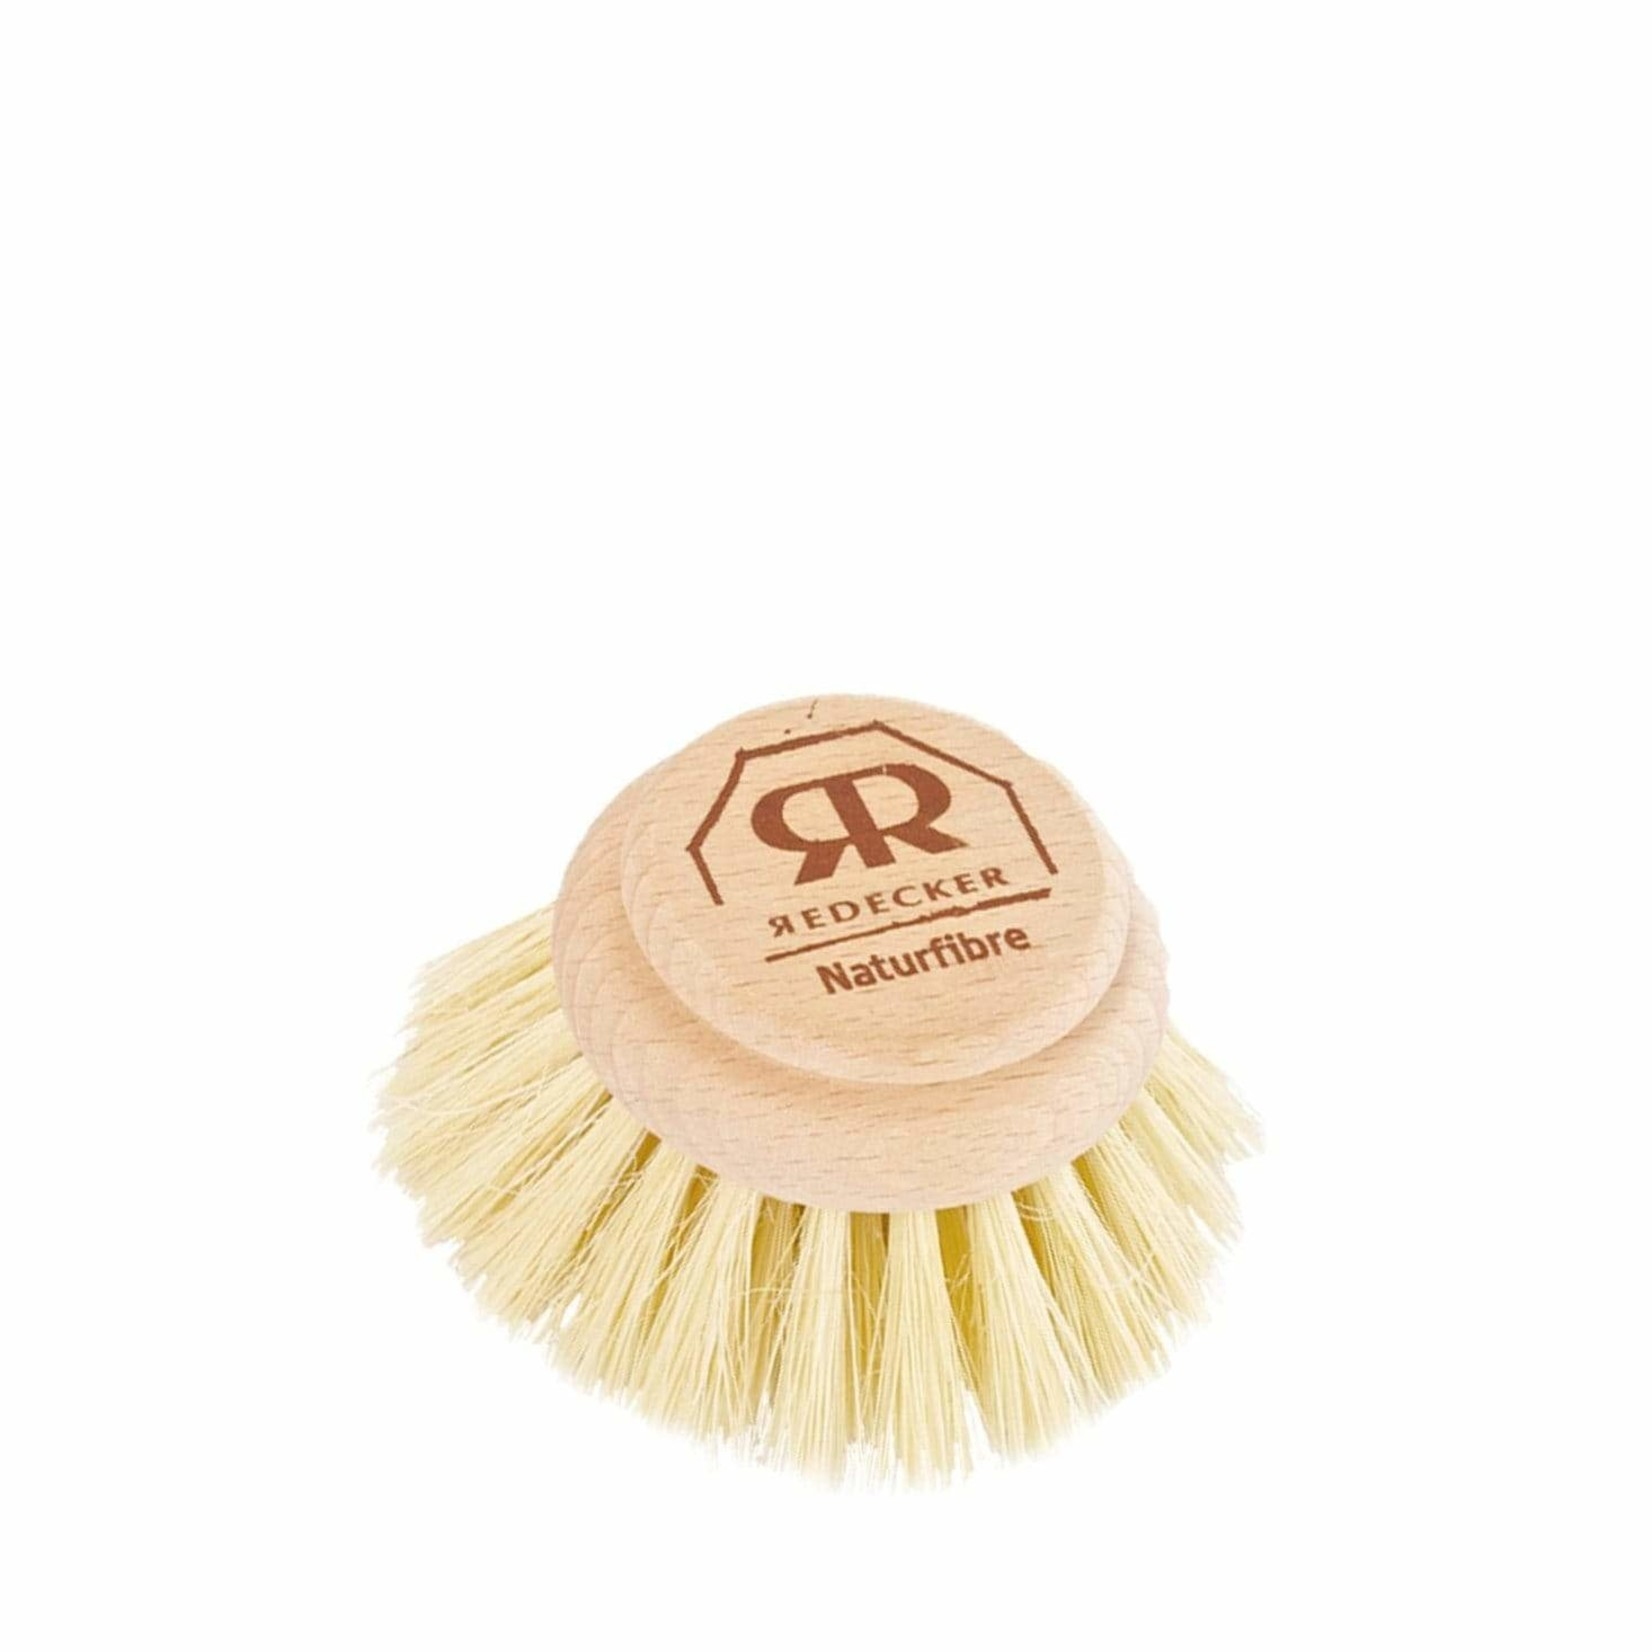 Redecker Redecker Dish Brush Replacement